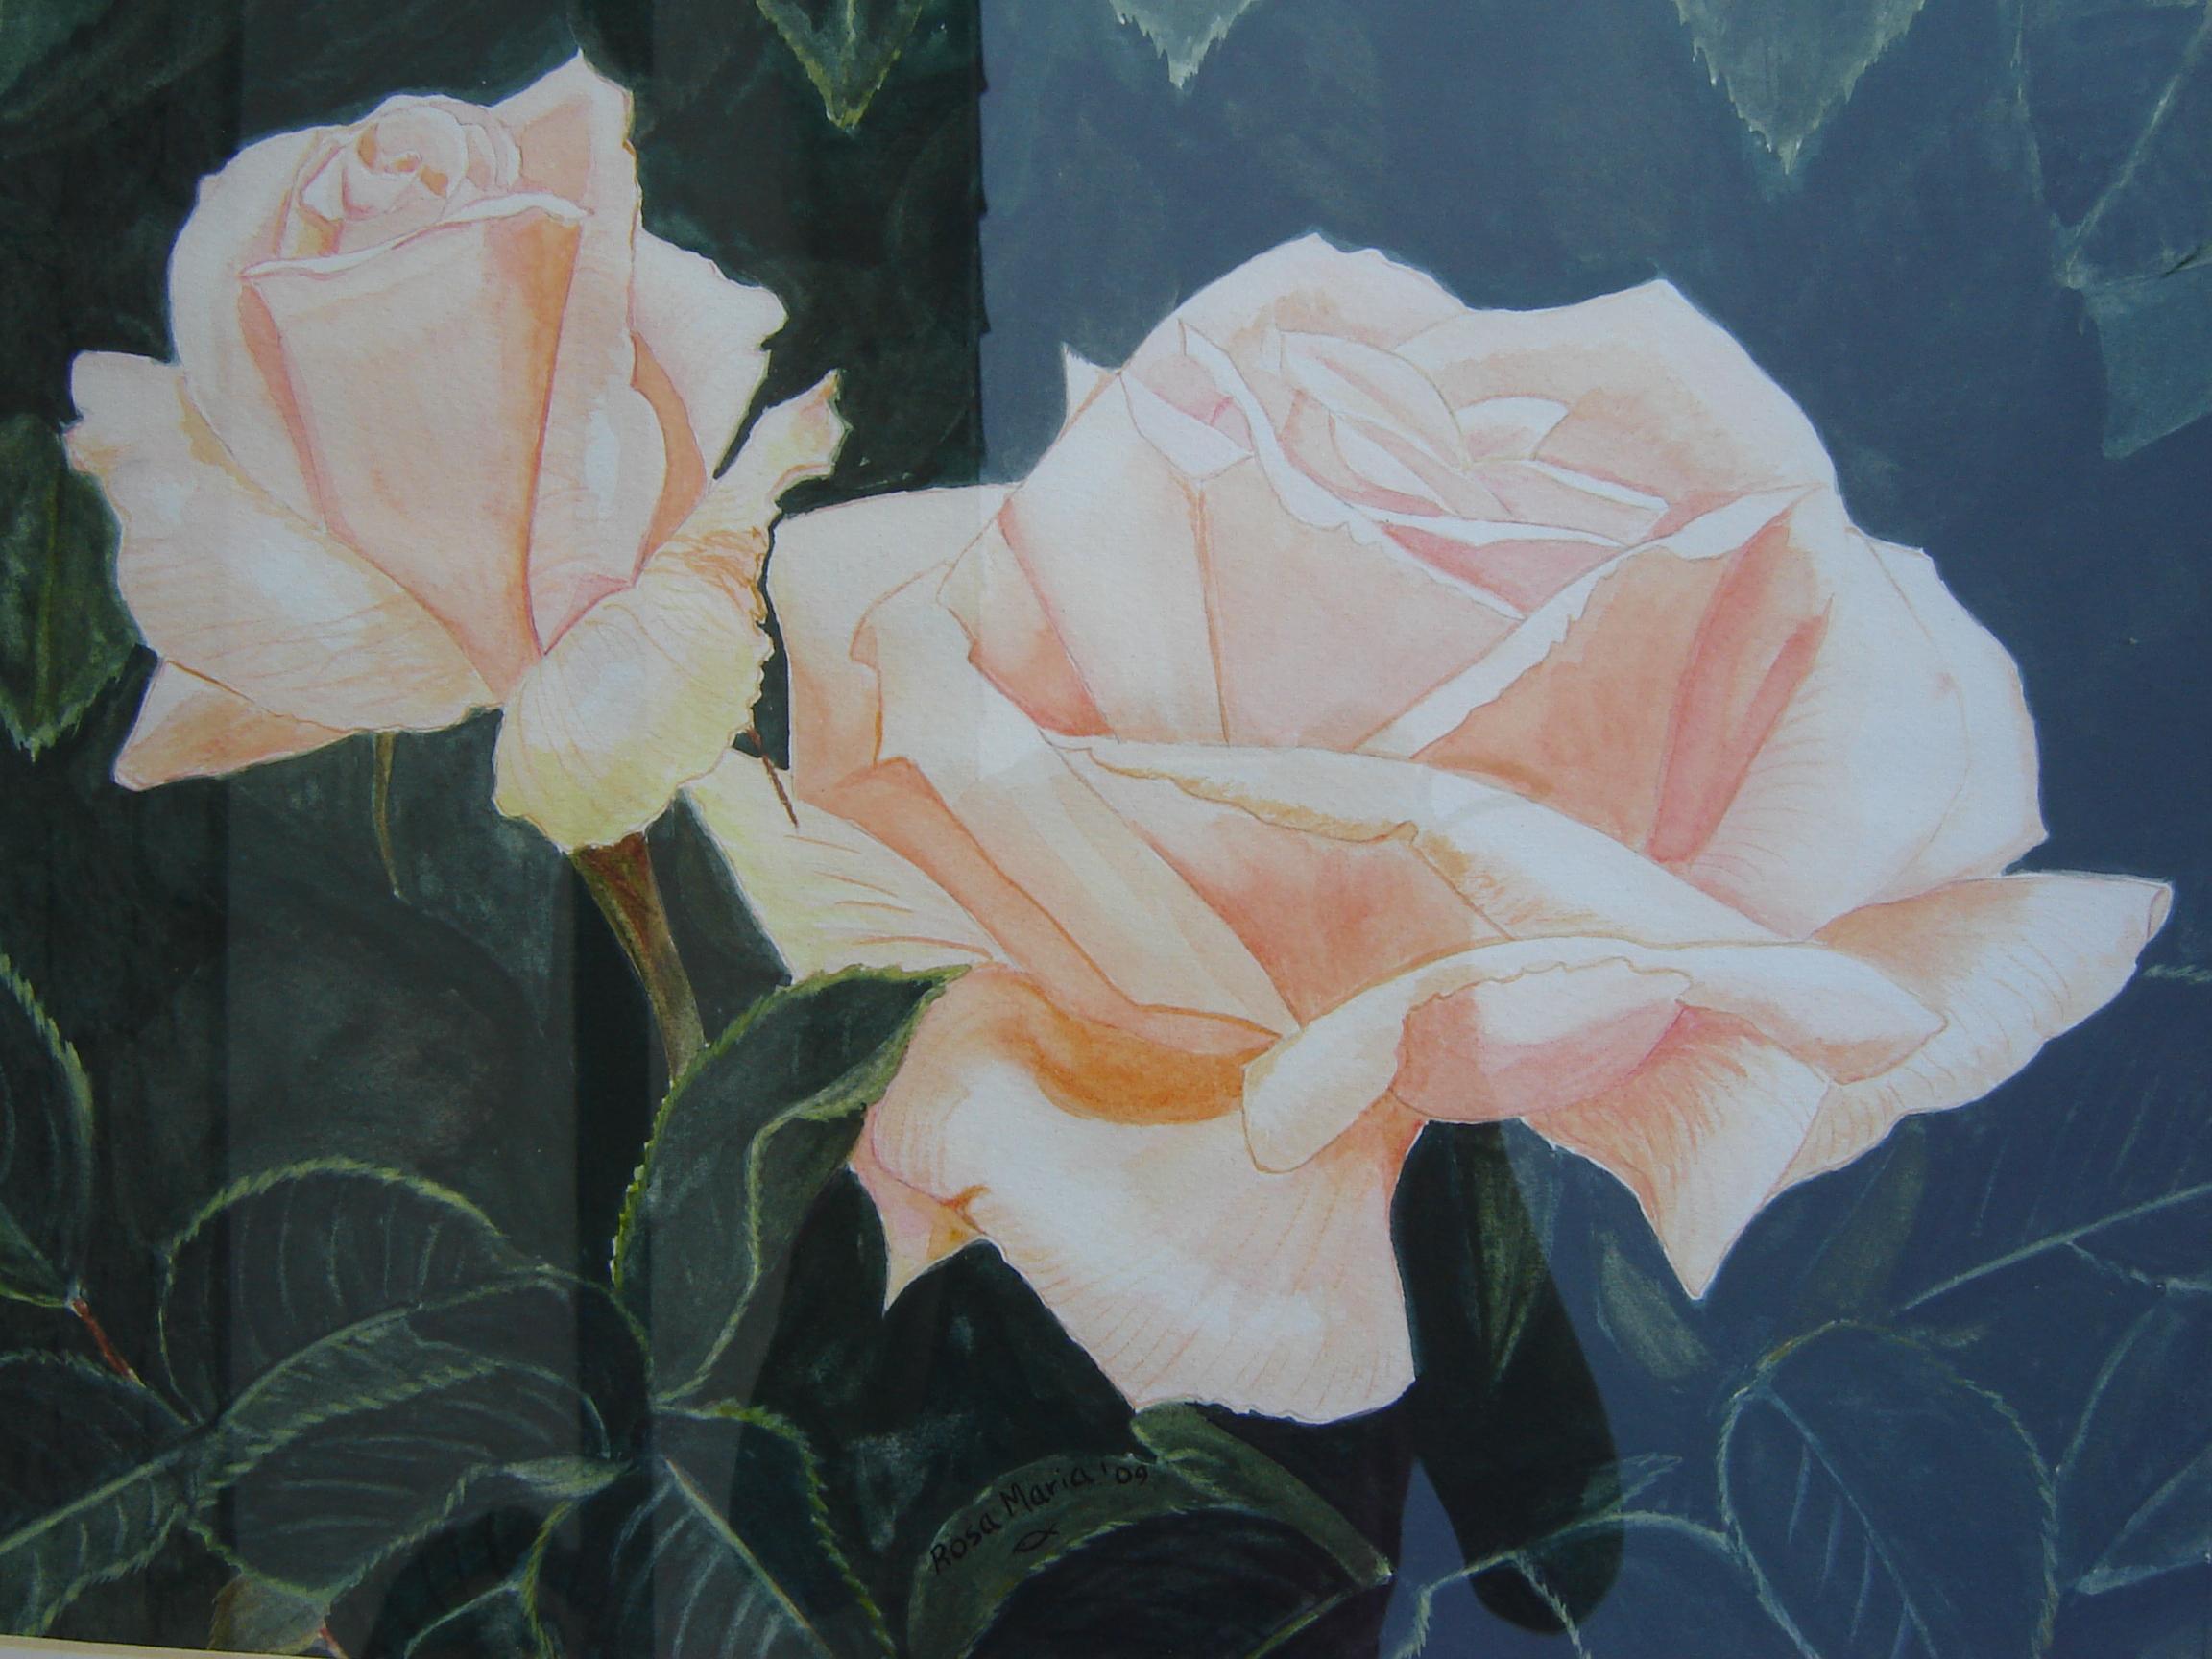 Tea Rose (Rosa chá)